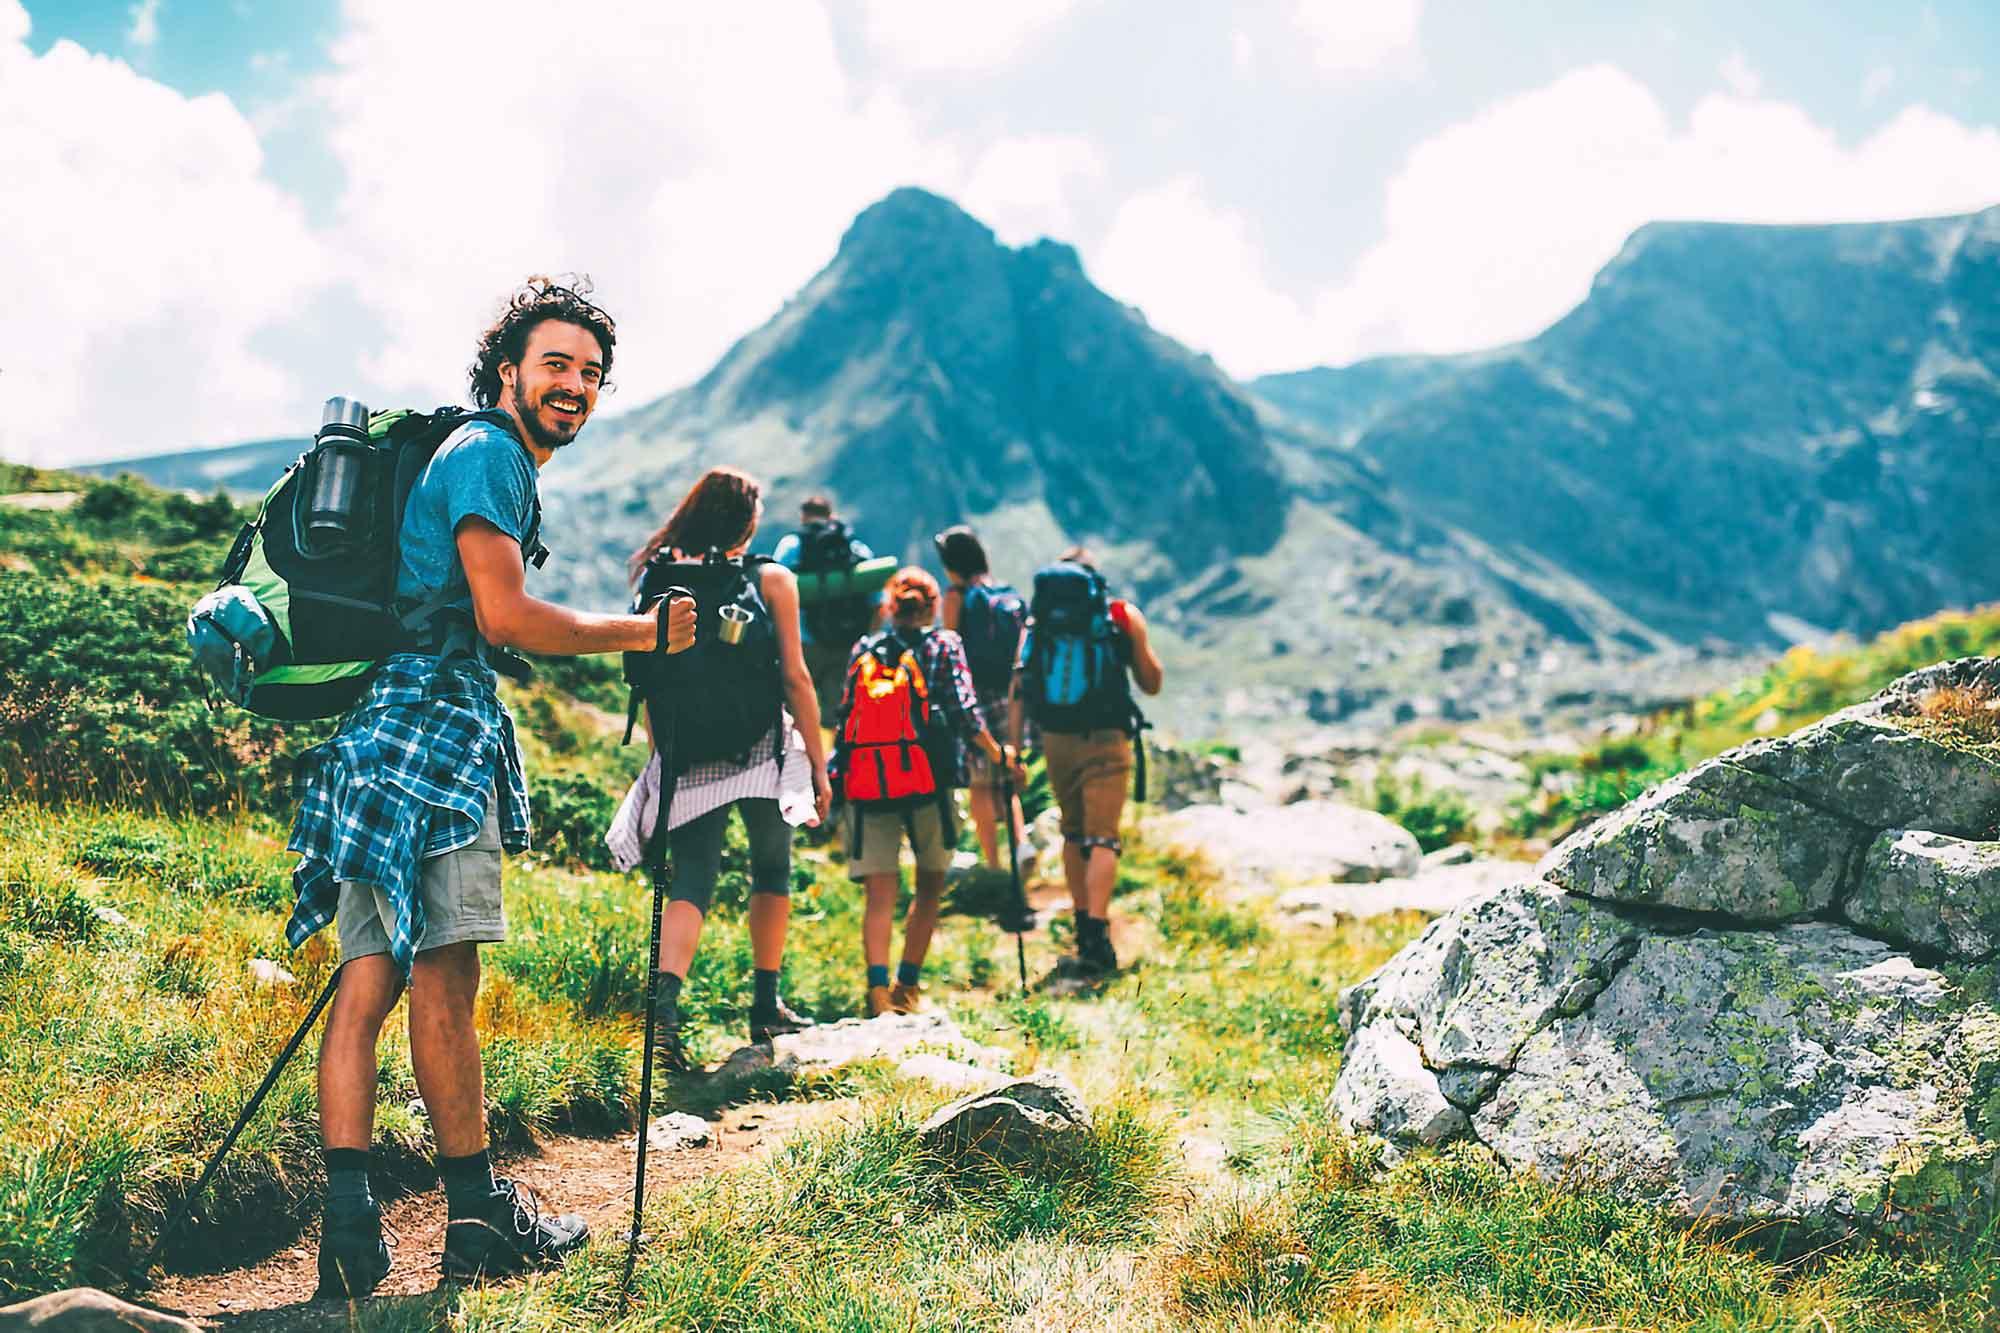 Fernziele für Wanderer© Forum anders reisen, iStock, Todor Tsvetkov